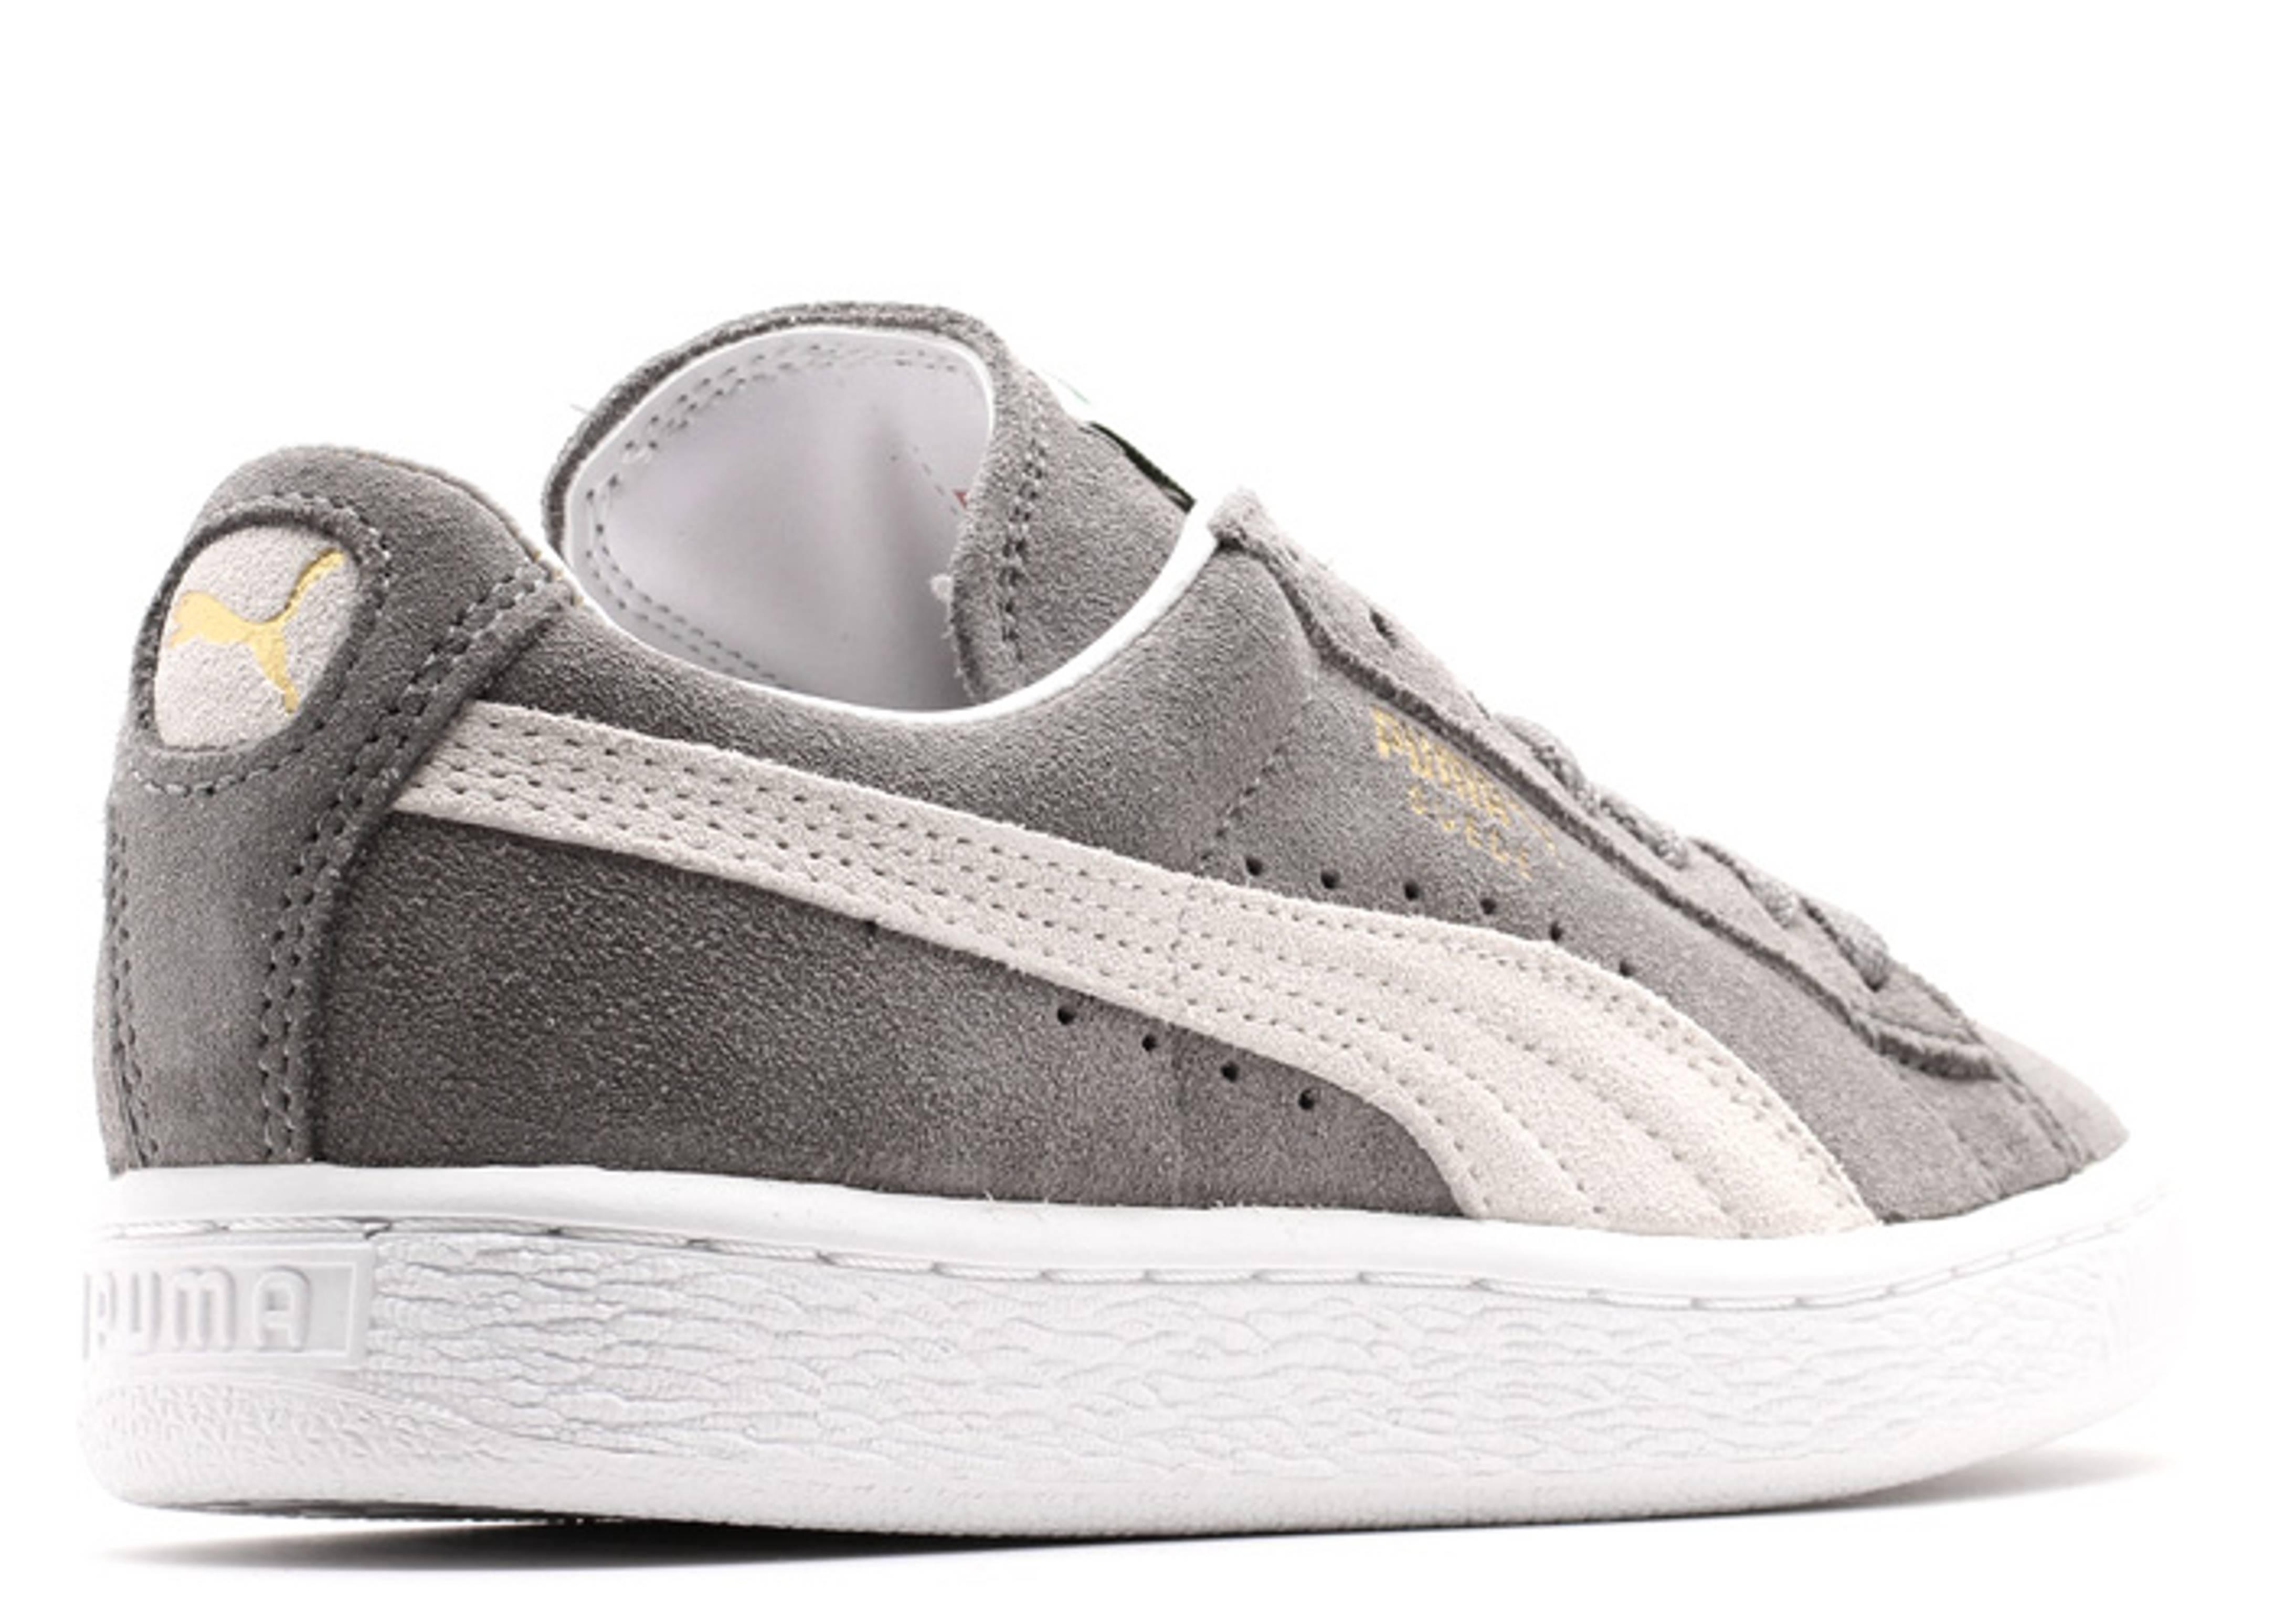 d457e3816c55 Suede Classic+ - Puma - 35263466 - steeple gray-white